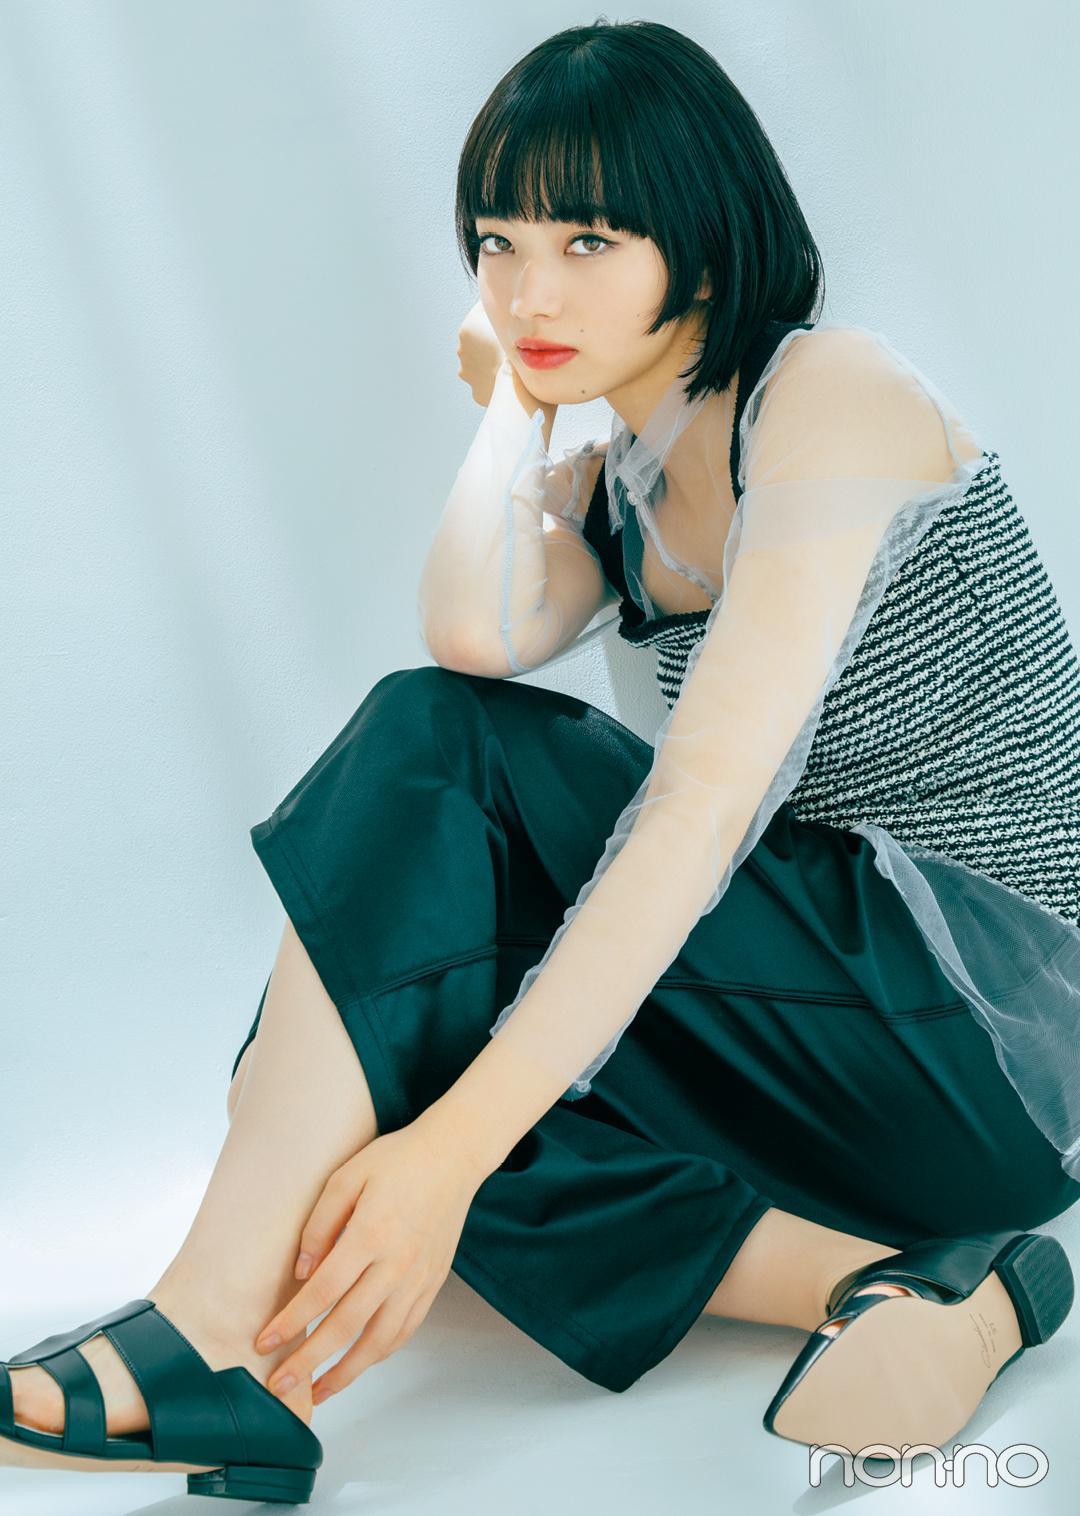 夏の黒コーデ、おしゃれに定評のある小松菜奈さんのアイディアをチェック!_1_2